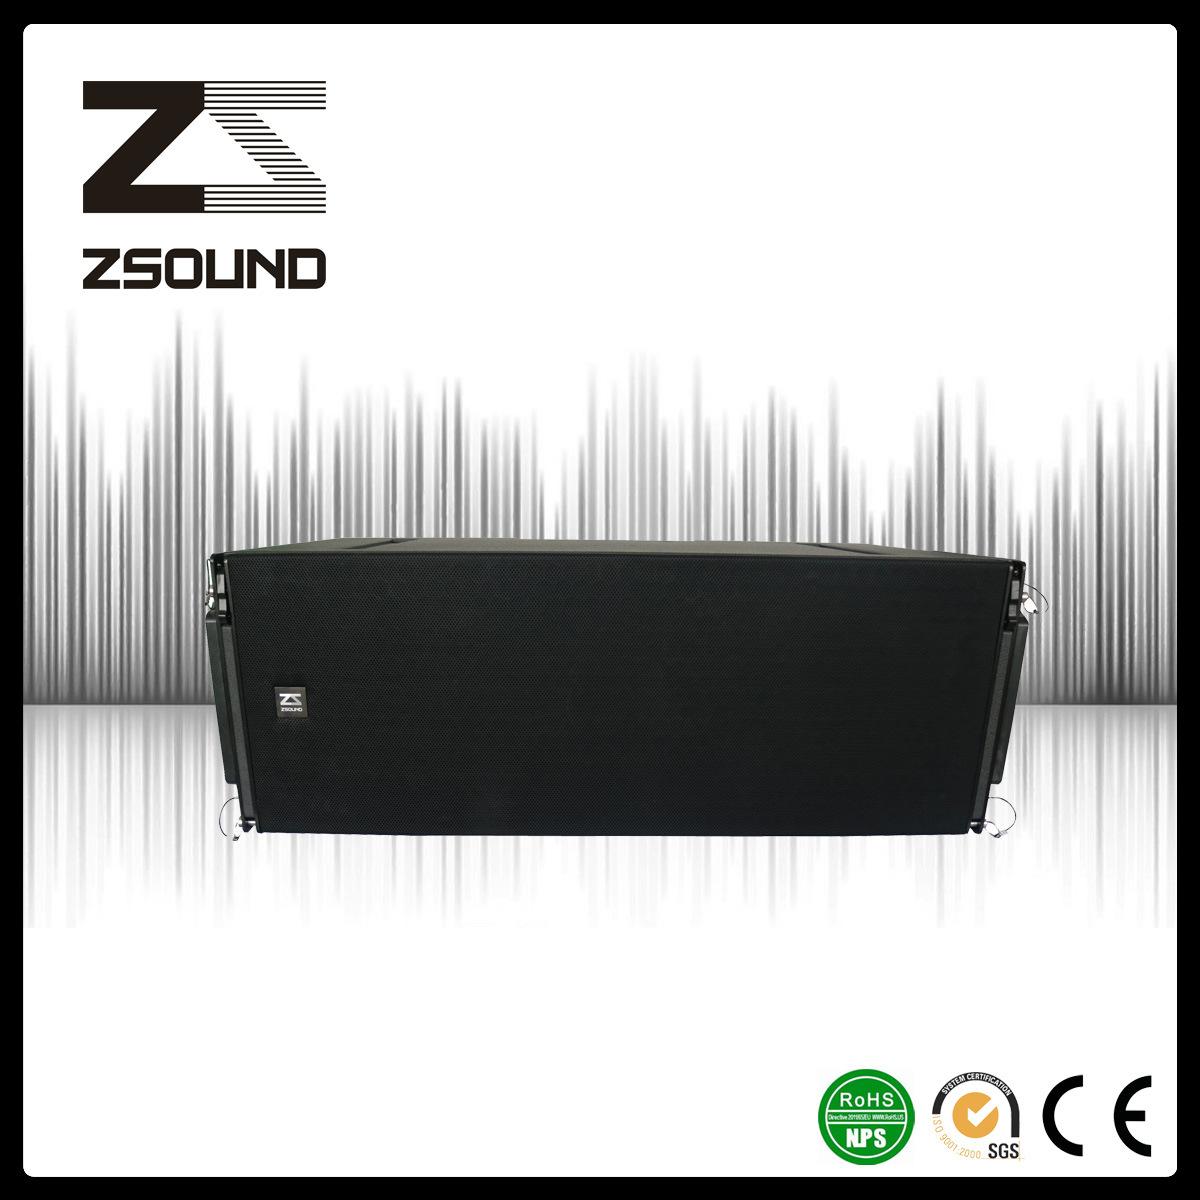 Zsound VCL PRO Sound Opera House Line Array Loudspeaker